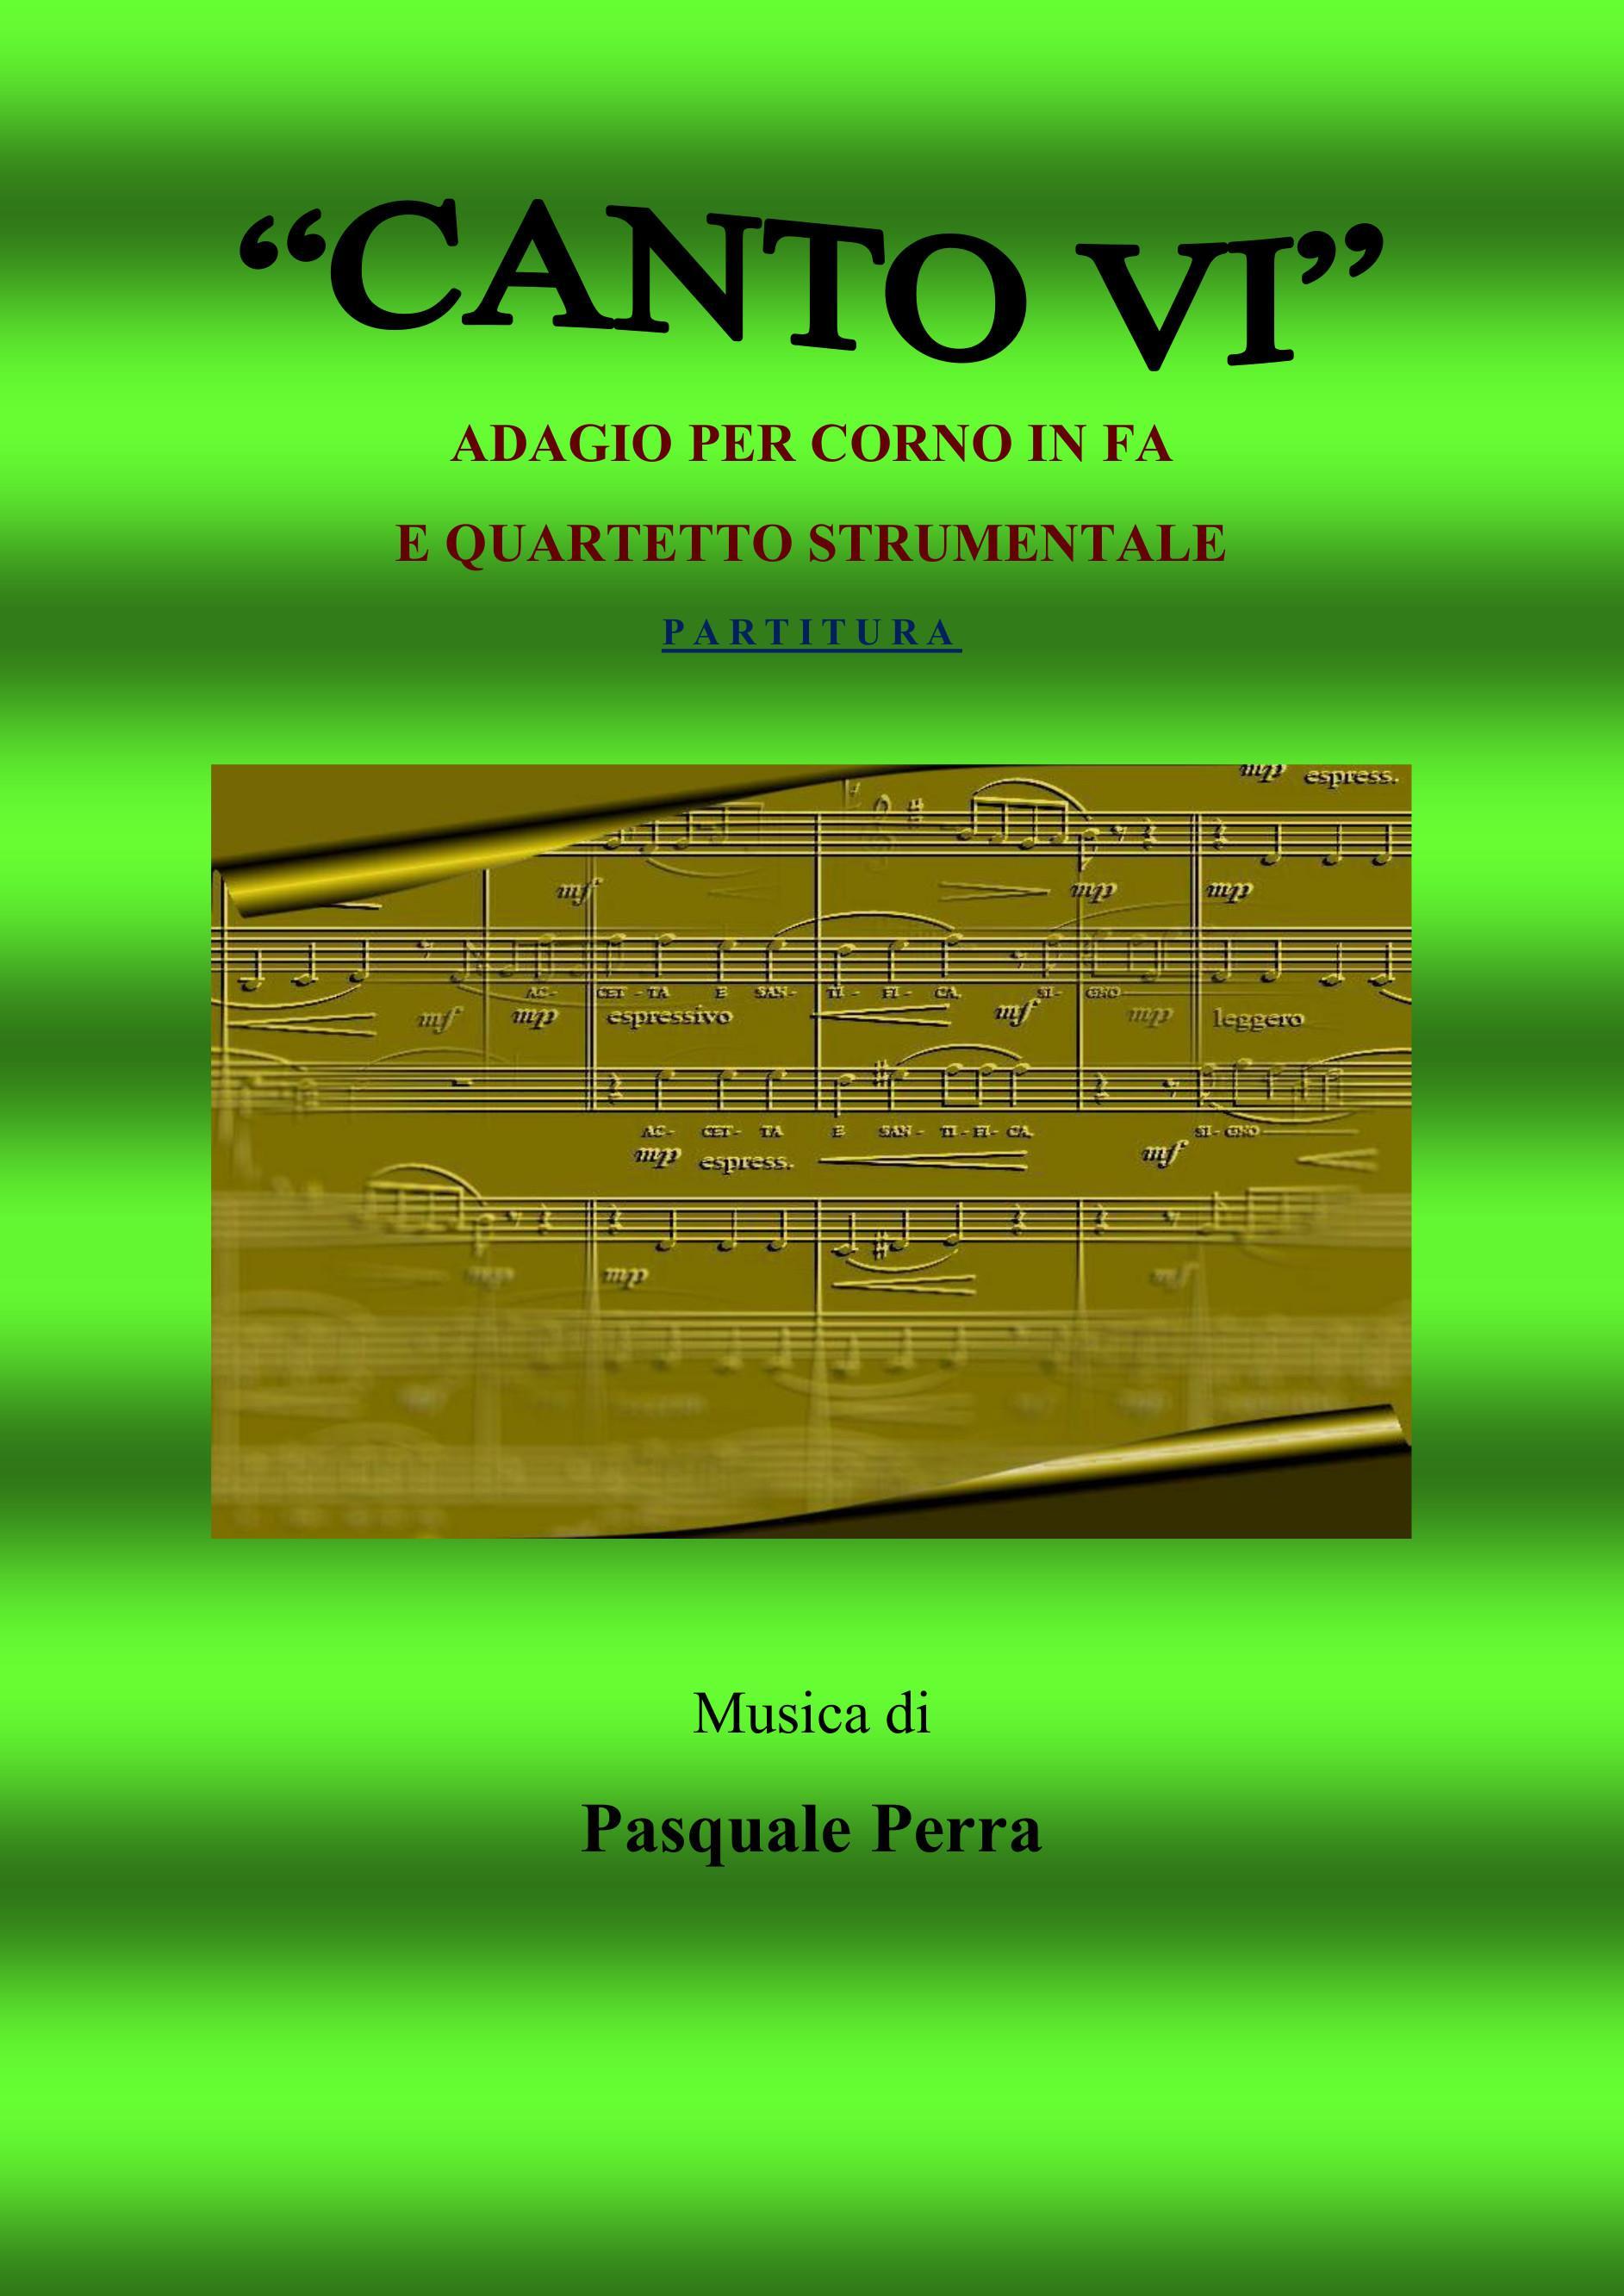 Canto VI. Adagio per corno in fa e quartetto strumentale. Versione partitura (strumenti: corno in fa, oboe, violino, basso elettrico, pianoforte)